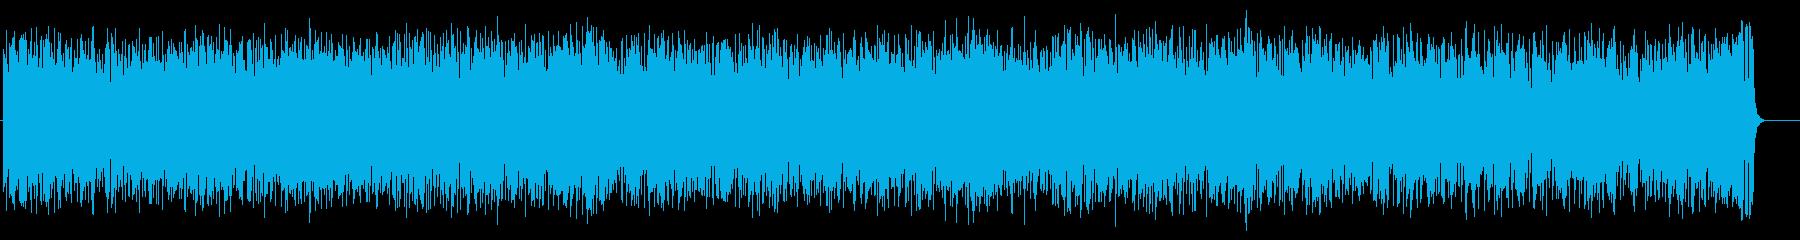 軽快なテーマポップス(フルサイズ)の再生済みの波形